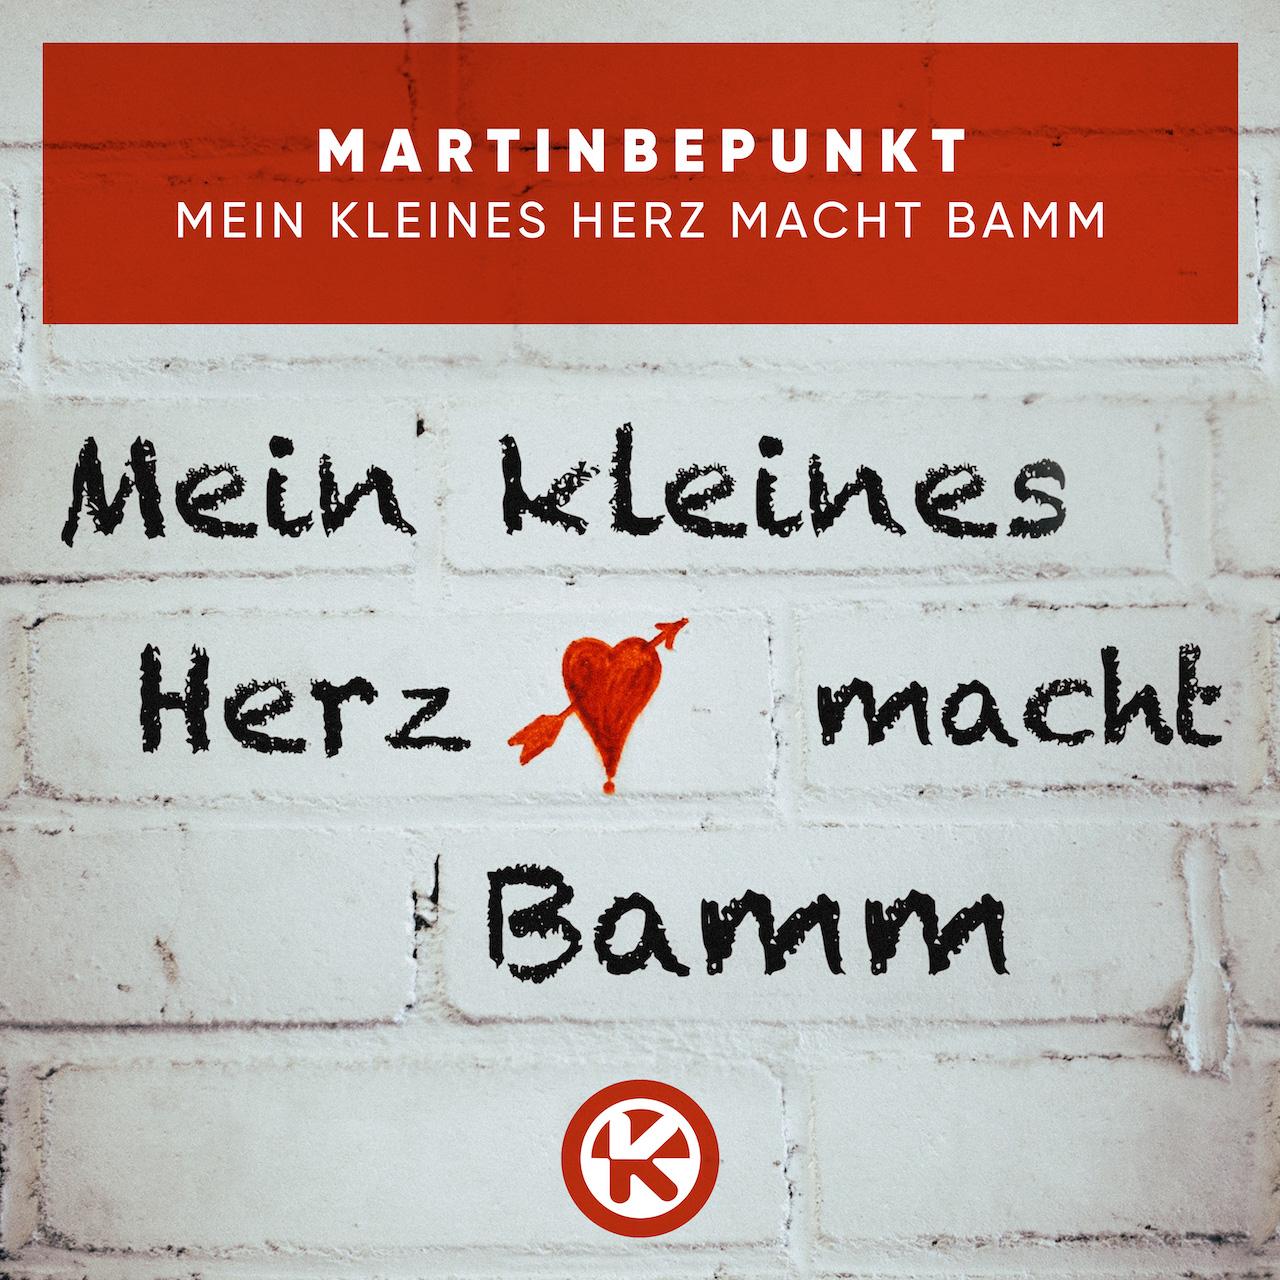 MARTINBEPUNKT – MEIN KLEINES HERZ MACHT BAMM